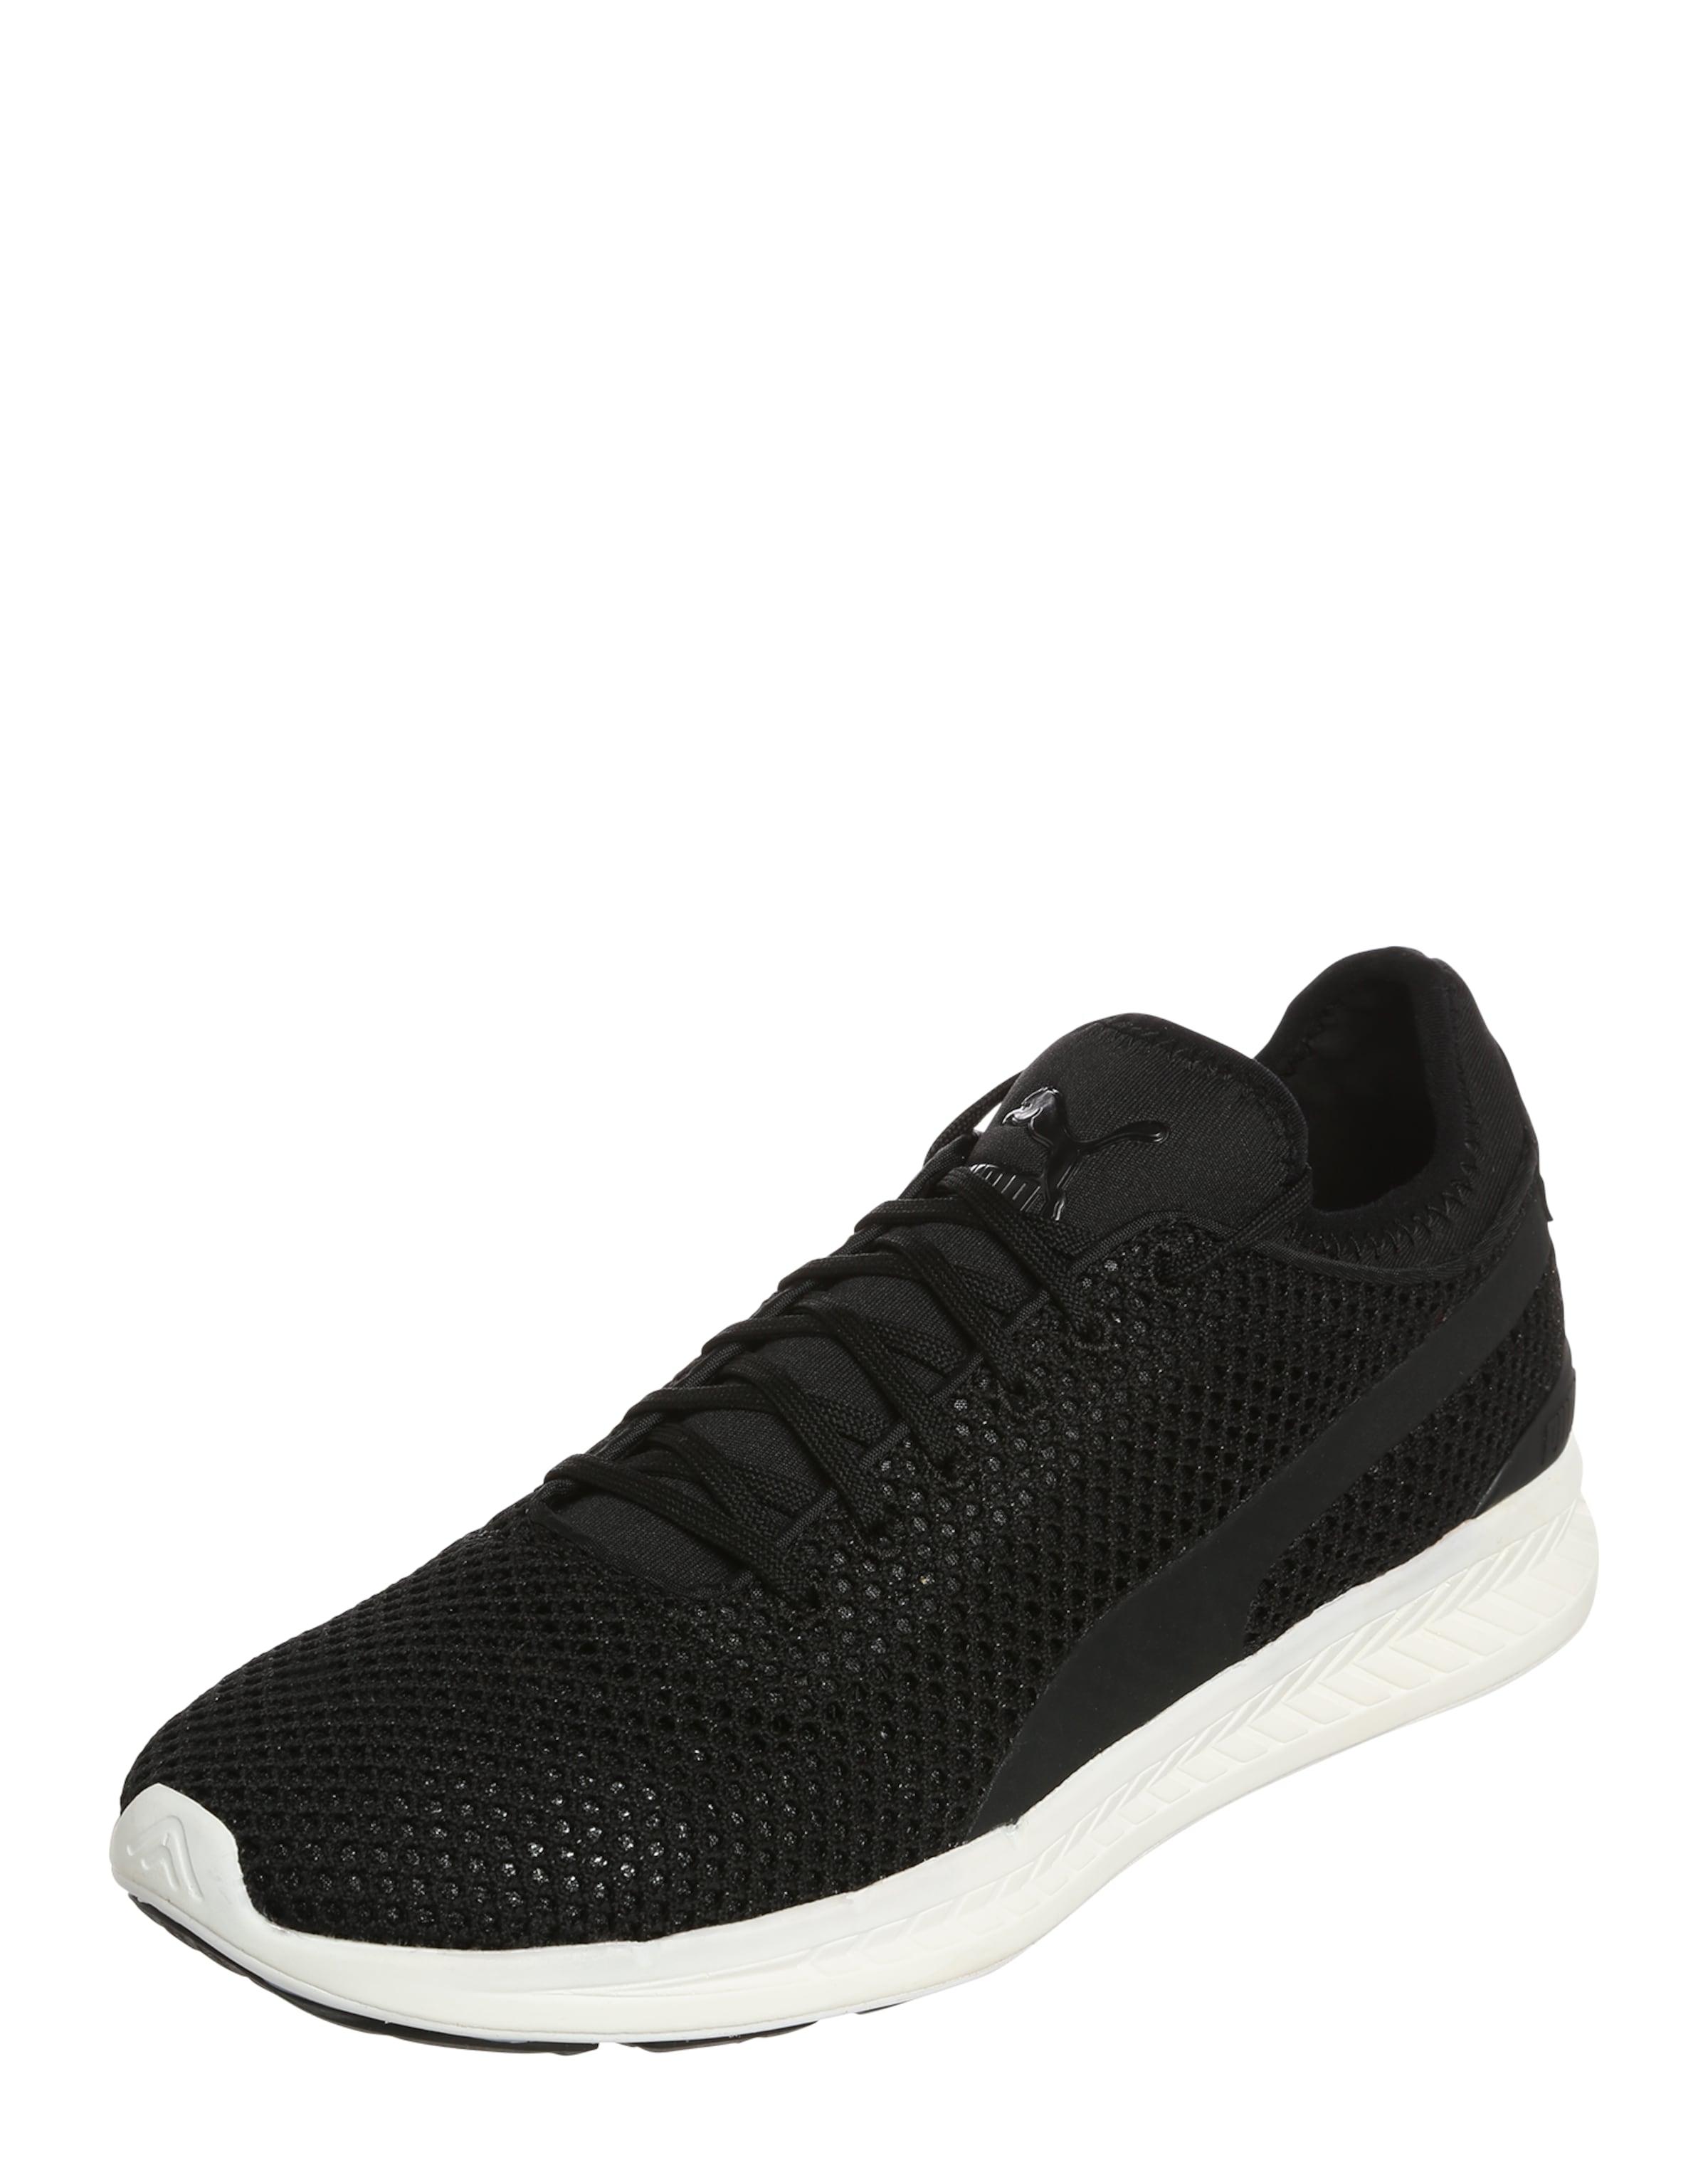 PUMA Low Sneaker  Ignite Sock Knit